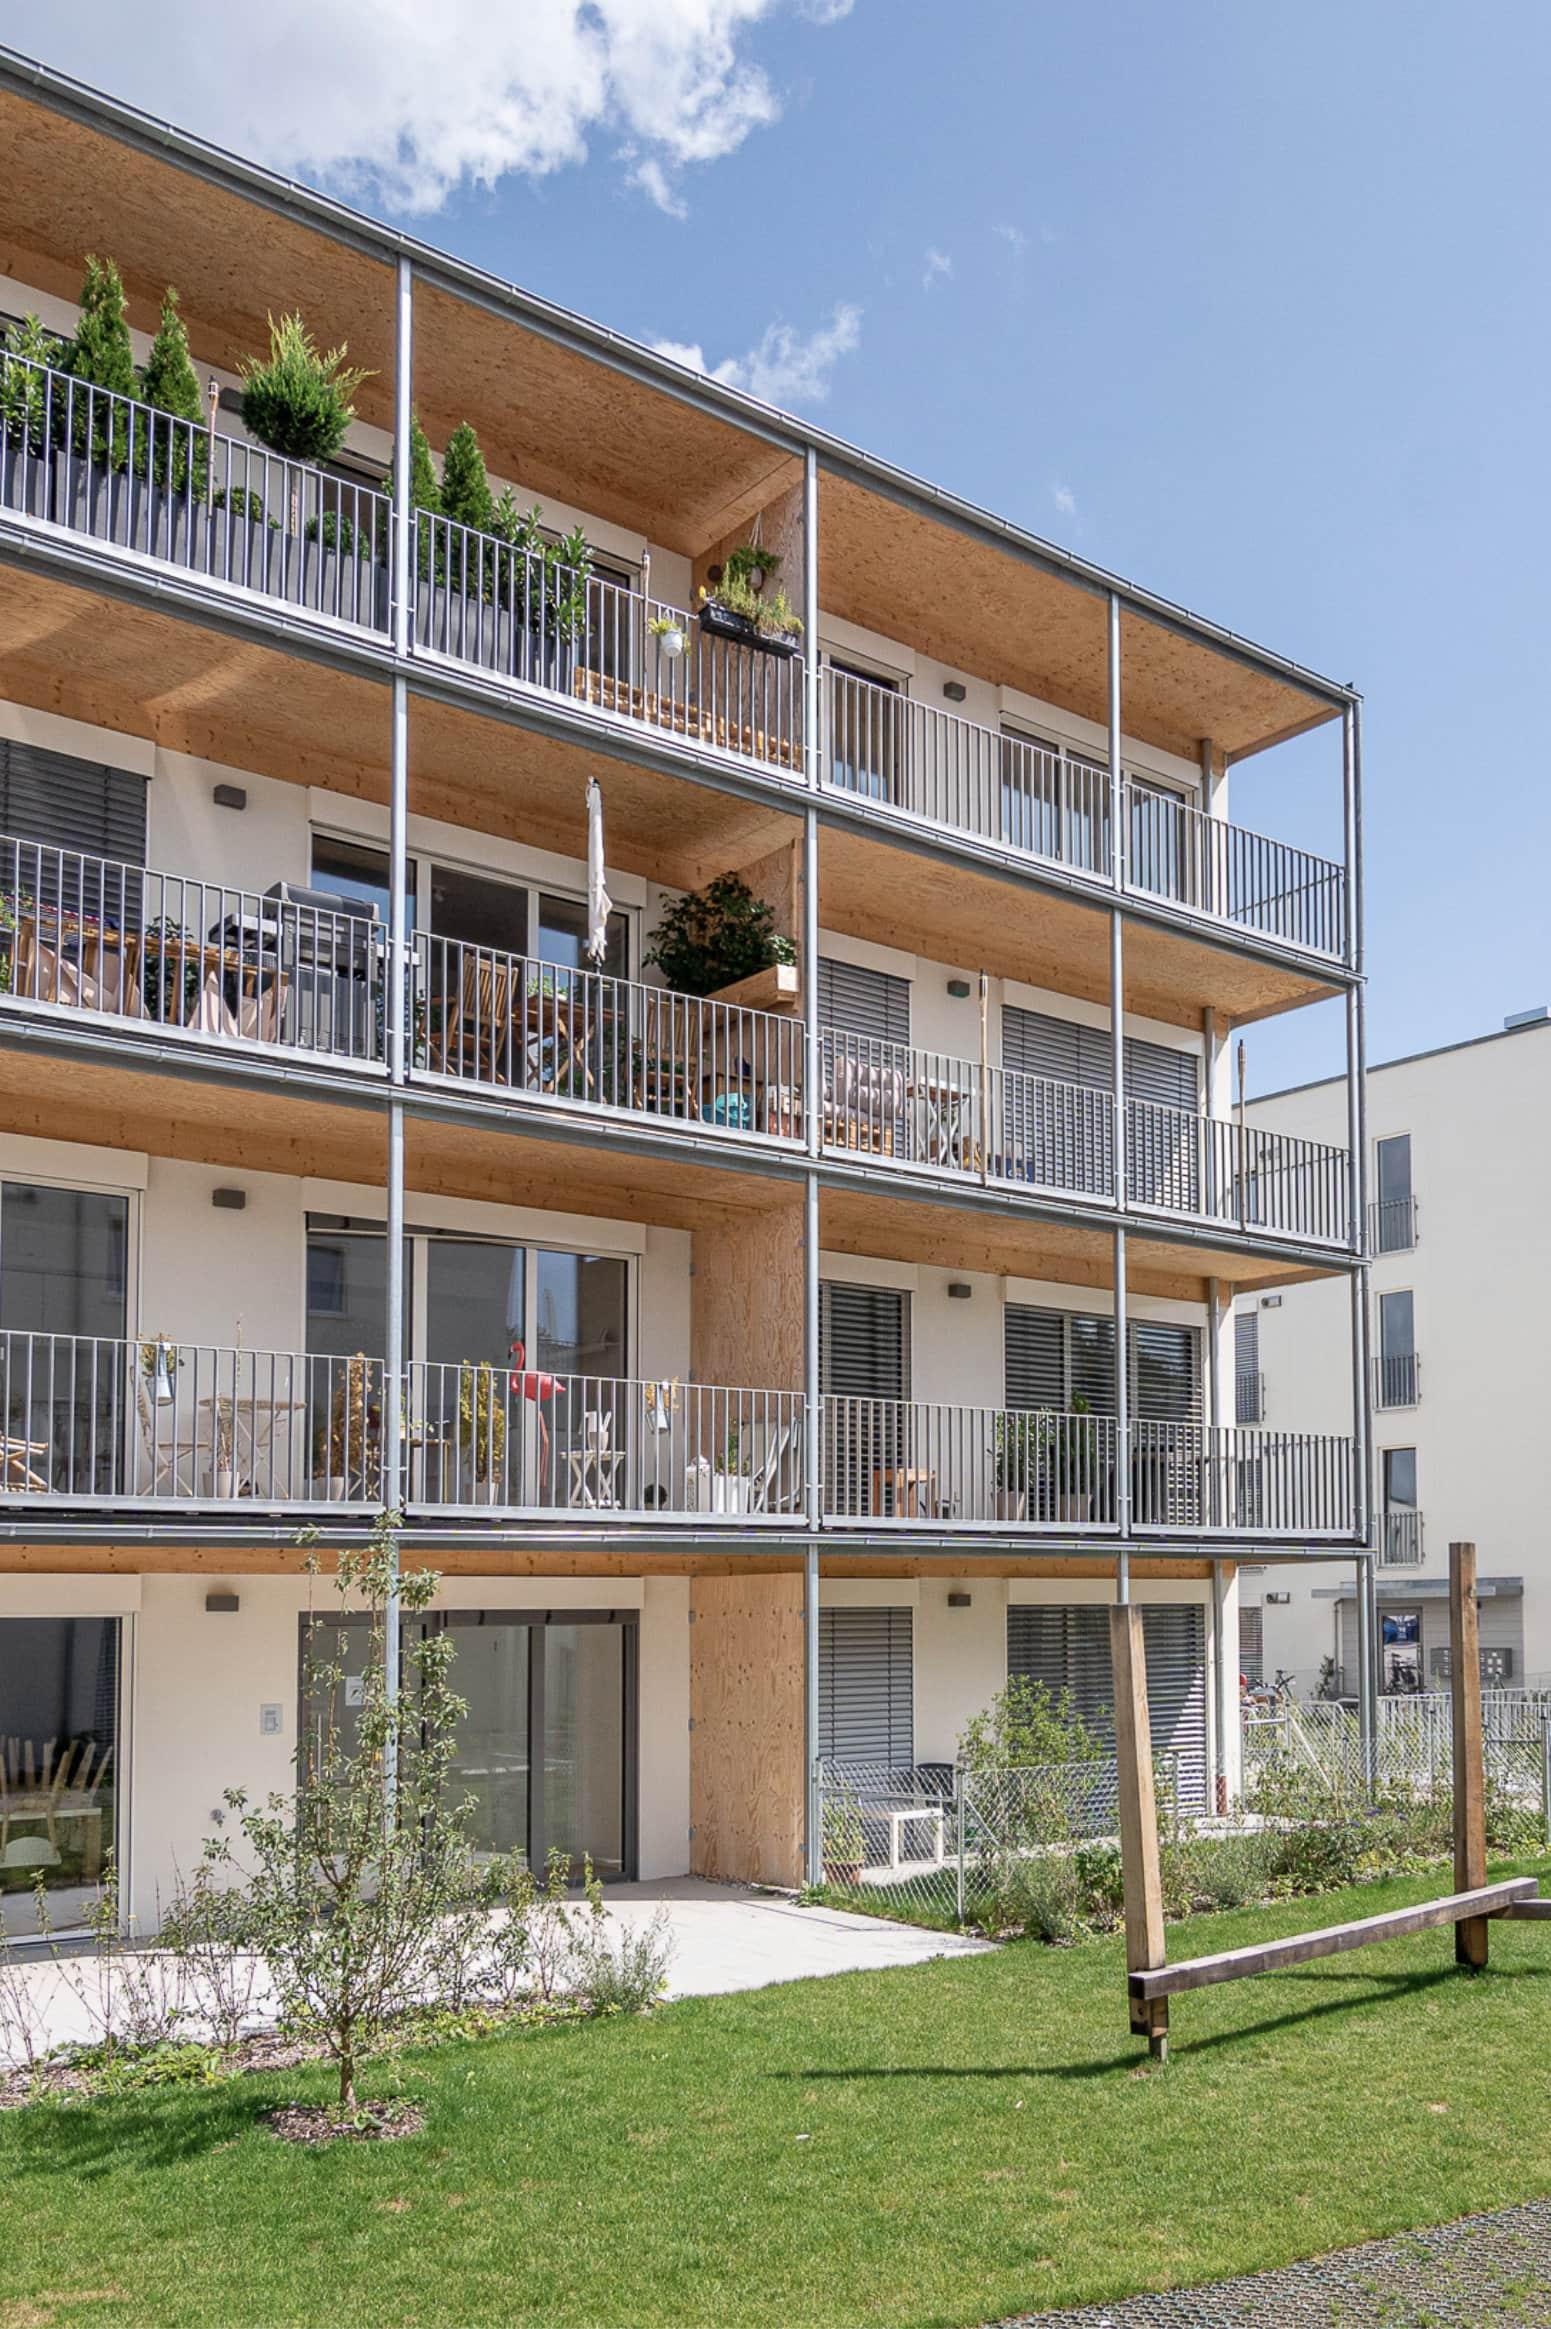 Seitliche Ansicht des Punkthauses der Passivhaus-Wohnanlage NEST P#01 im Prinz-Eugen-Park in München. Ausgezeichnet mit dem Callwey Preis Die besten Wohnbauten Deutschlands für das Nachhaltige Energiekonzept 2020.